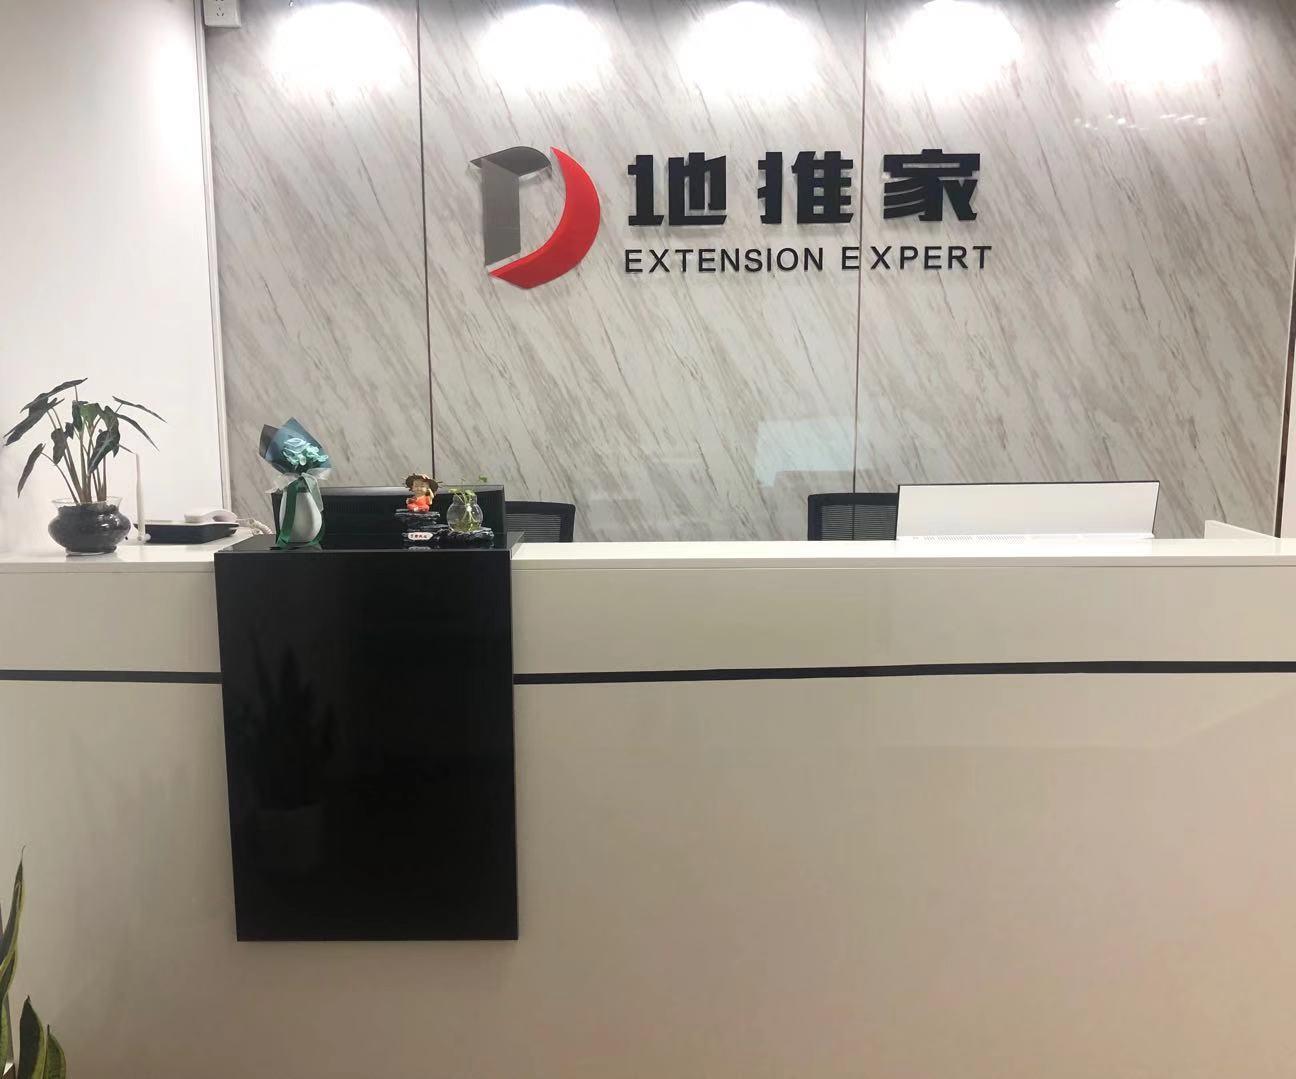 蘇州福晟邦智能科技有限公司